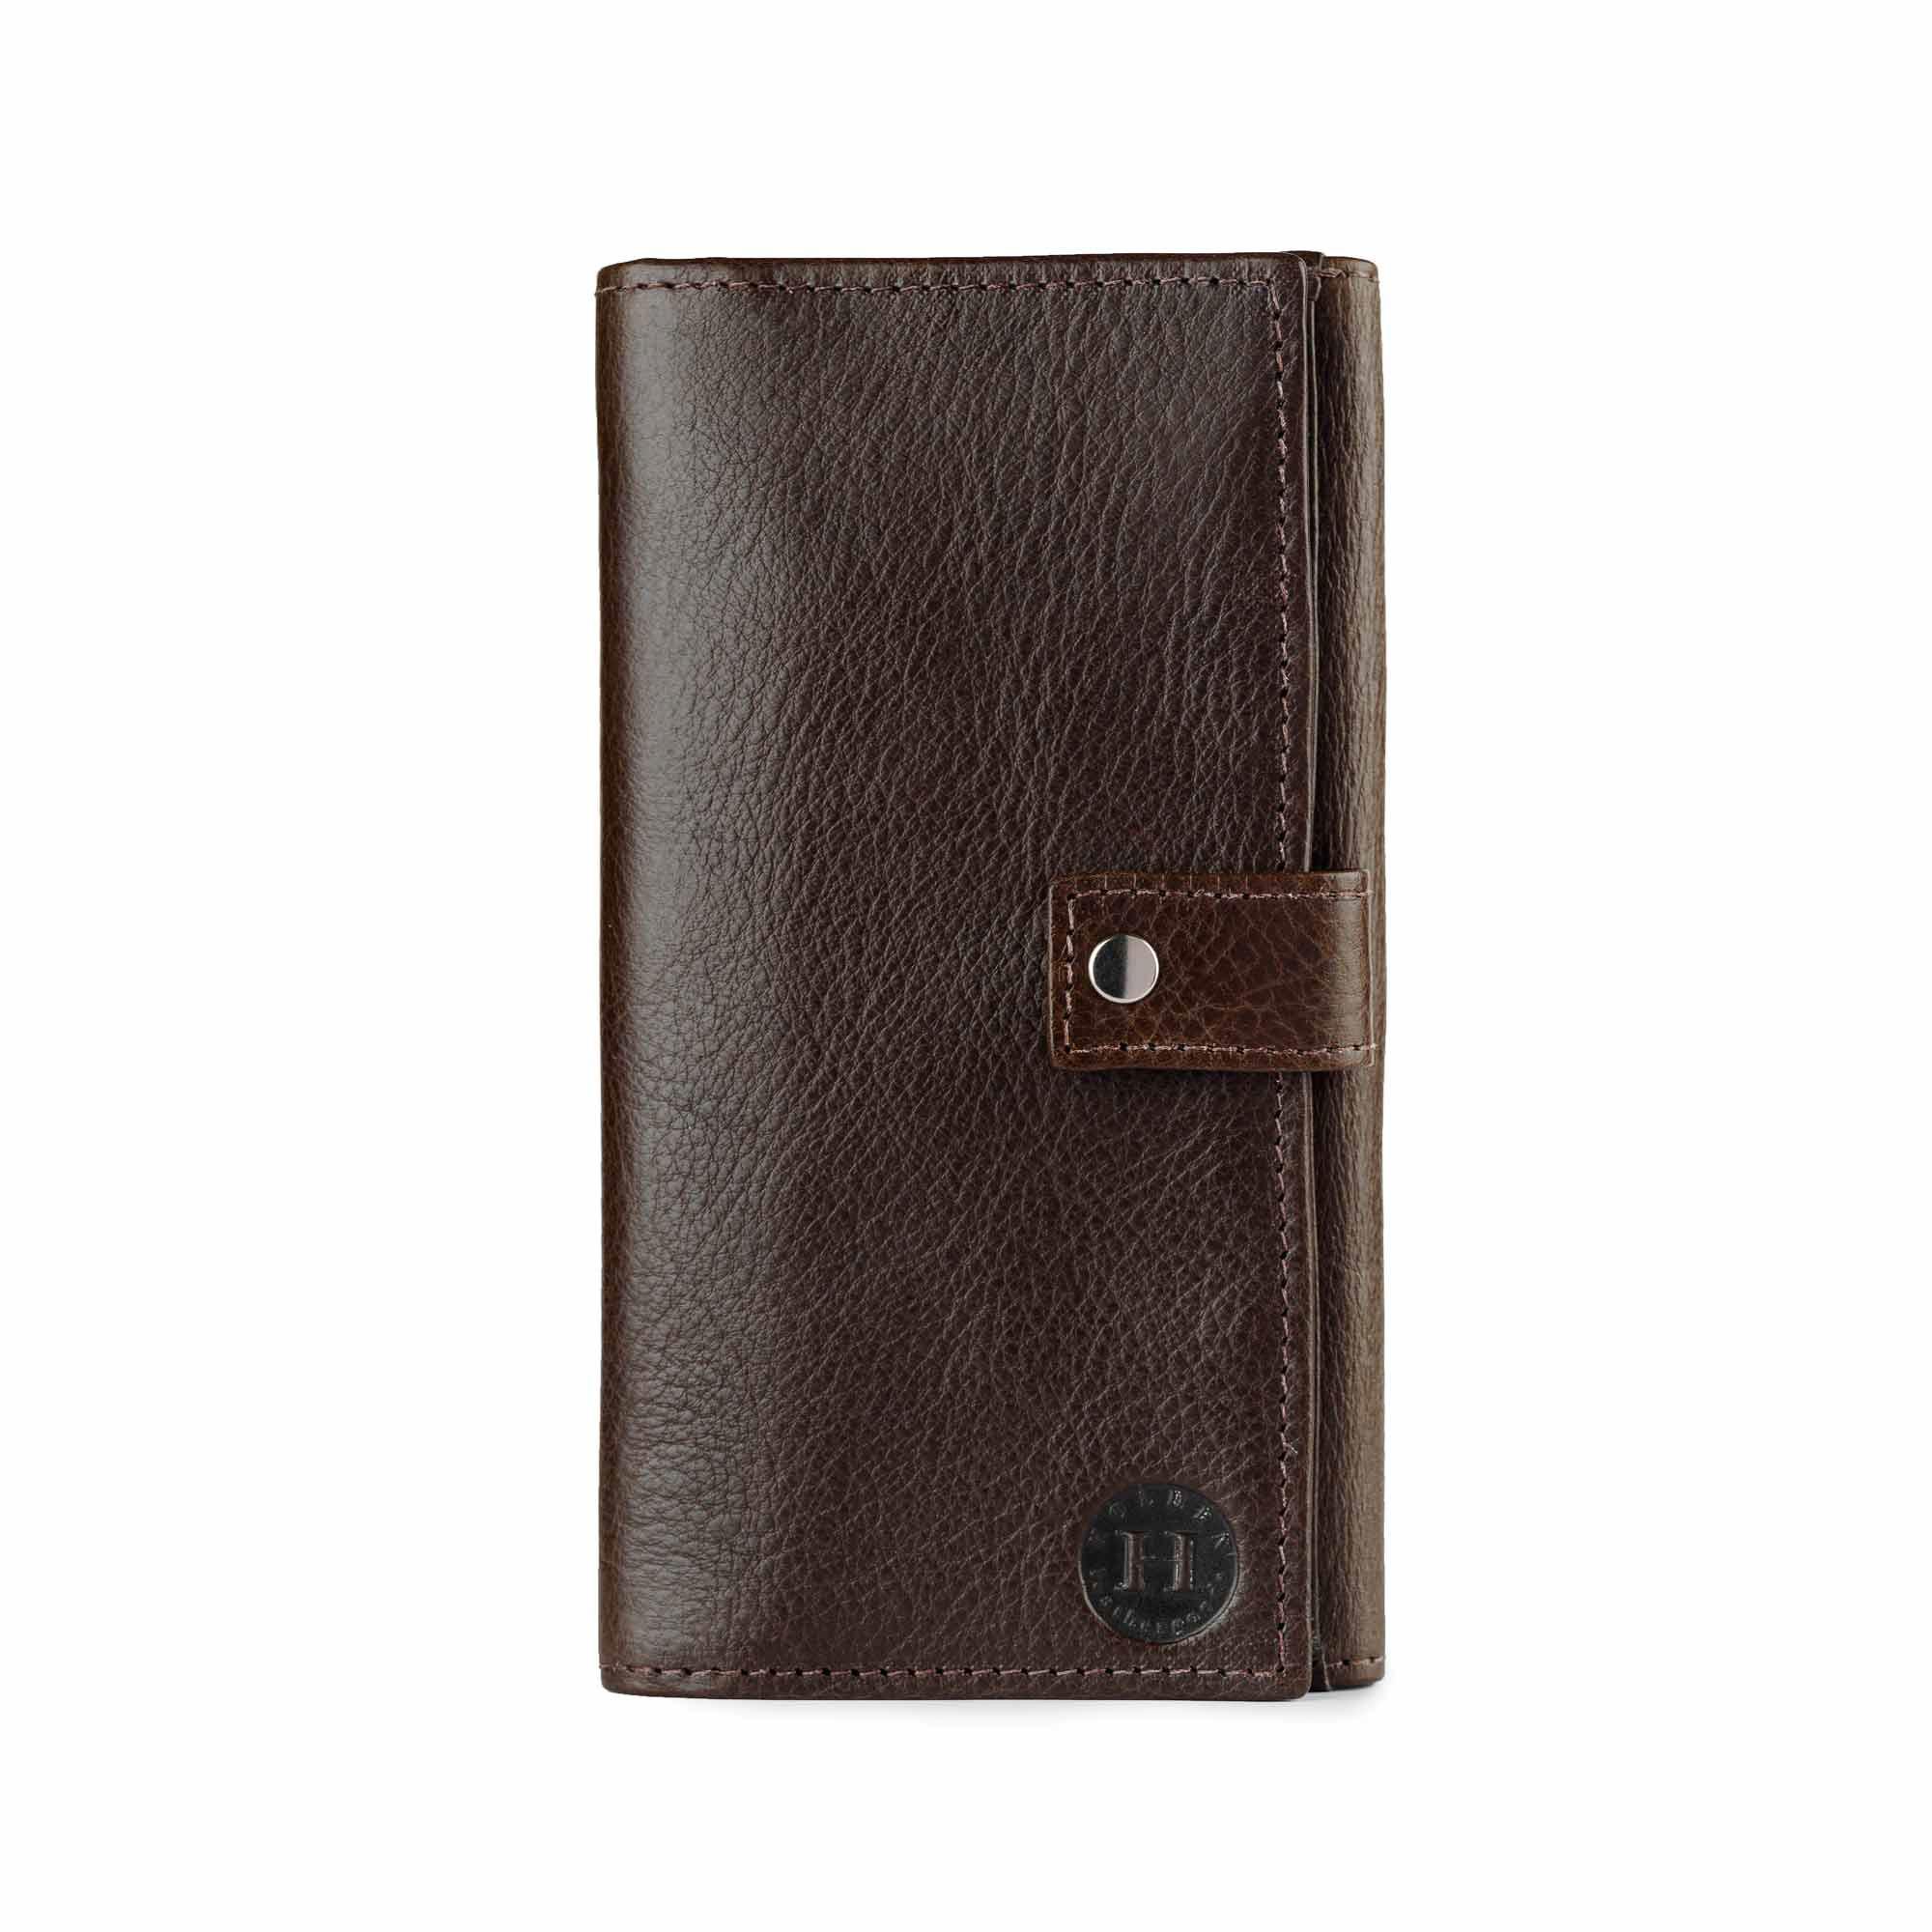 Holden-Ladies-Leather-Wallet-Brown QC.jpg